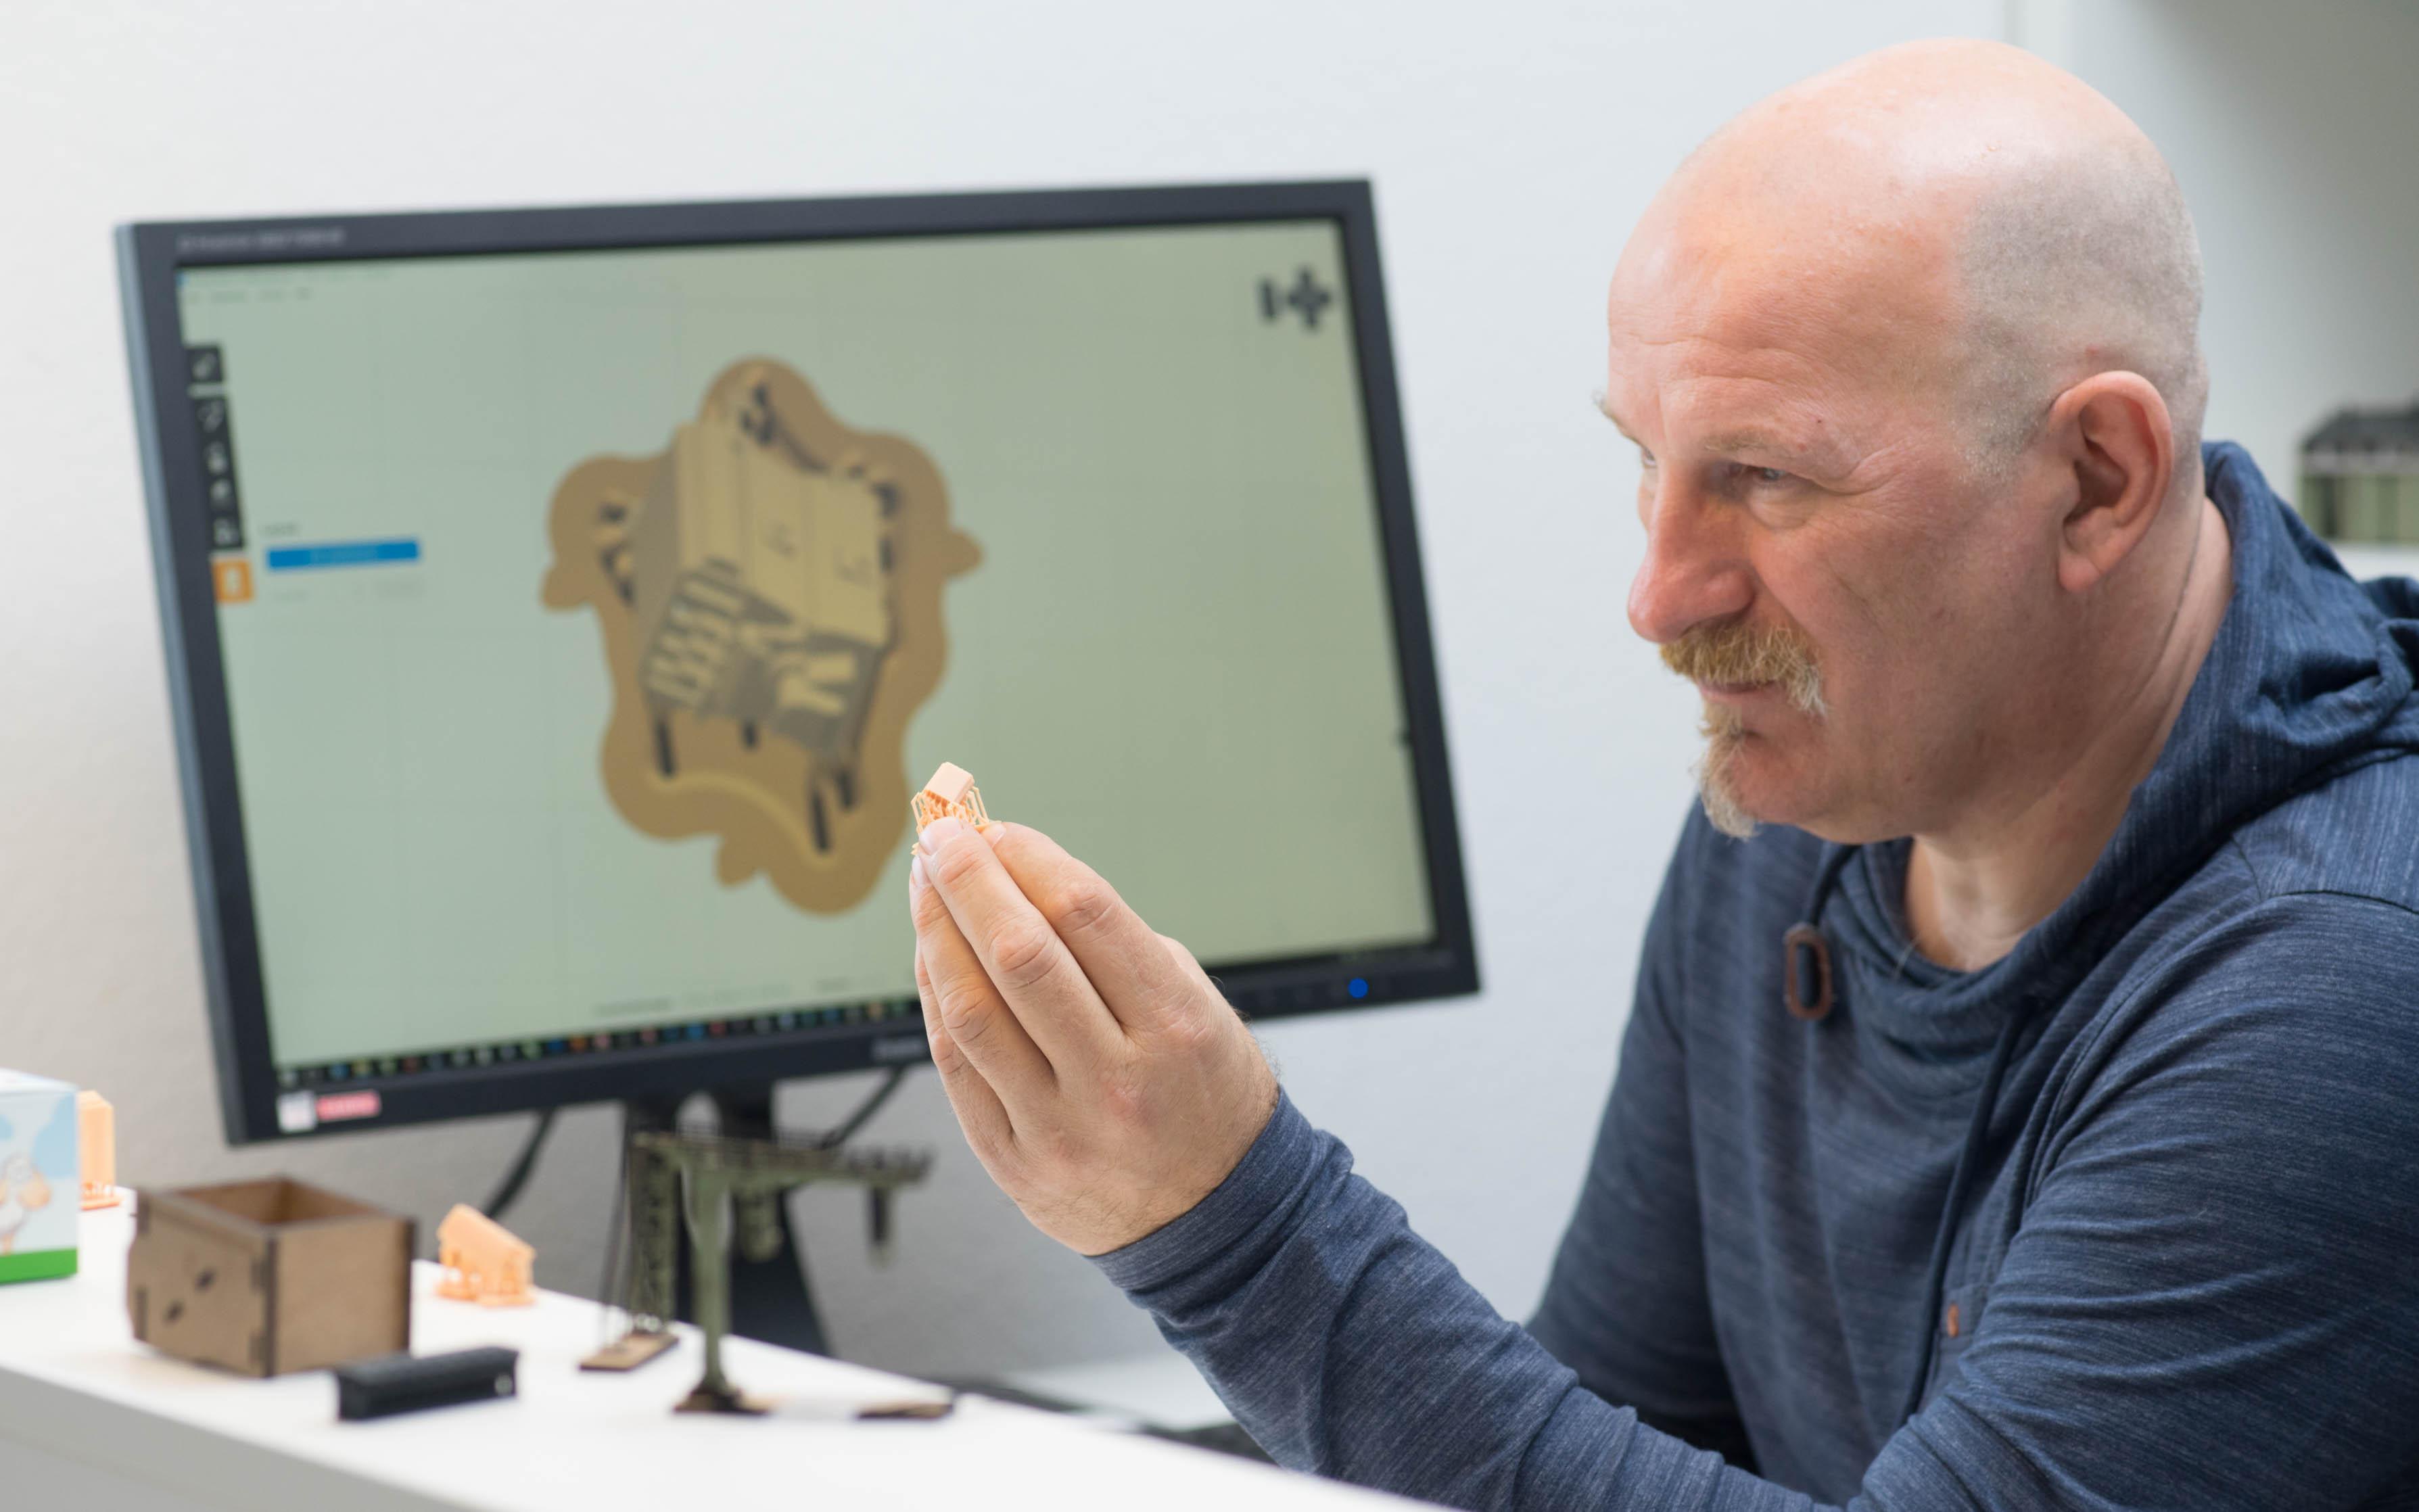 Joep Stienen ist Produktionsleiter bei DM-Toys und nutzt CAD/CAM mit 3D-Druck für die Entwicklung und Produktion von Modellen wie diesem Kompressor, auf dem Bildschirm in der Software PreForm. Foto: Ken Giang